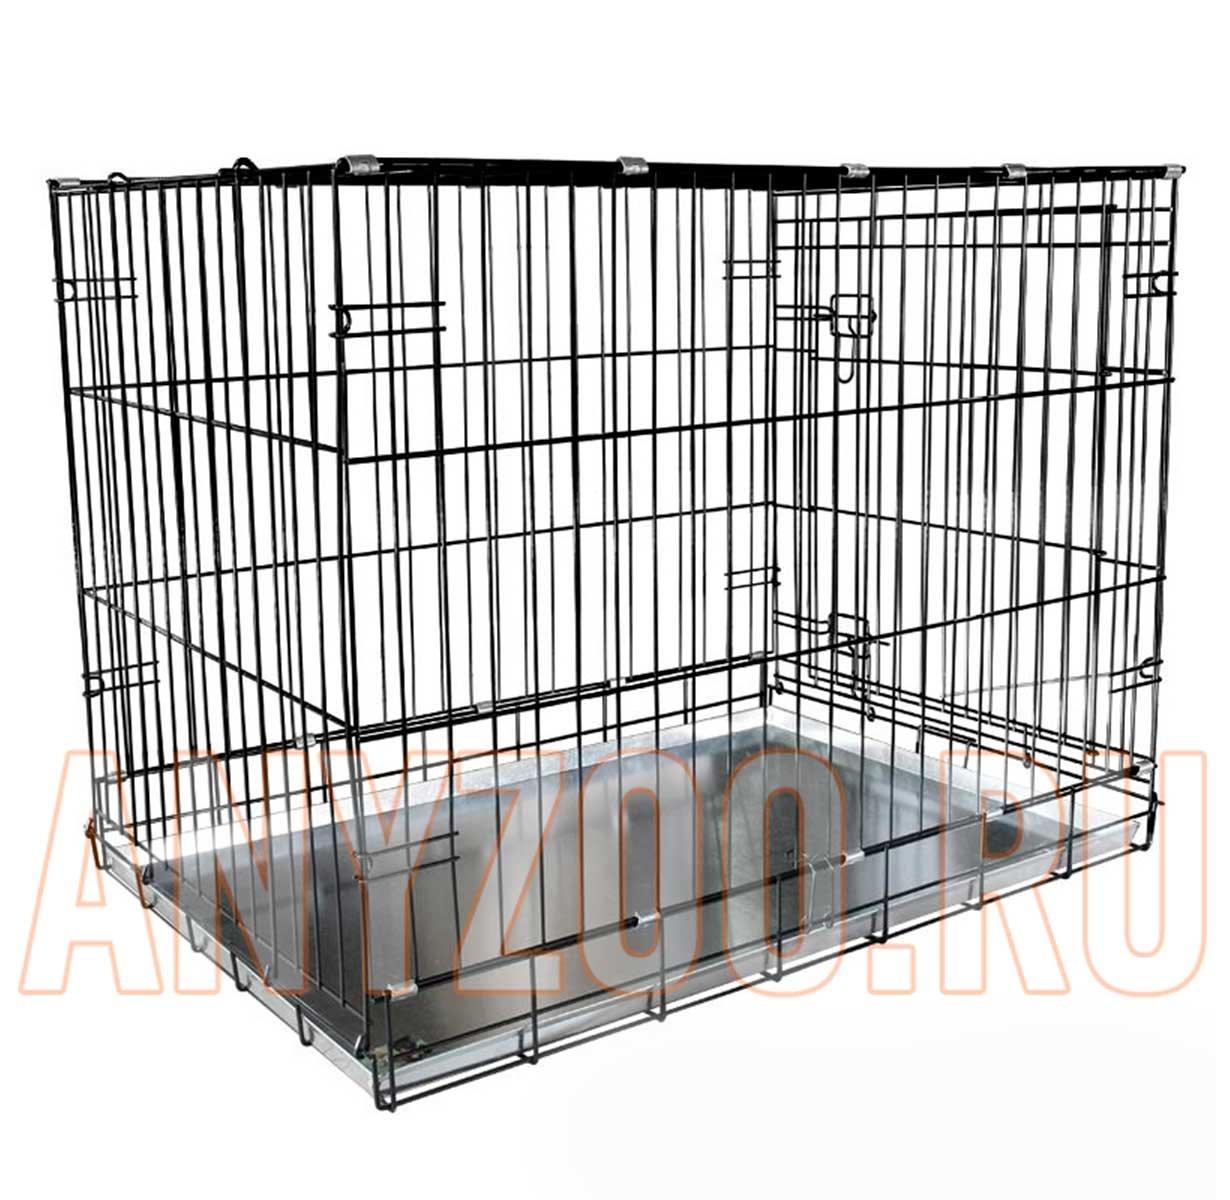 Triol 004-К Yongli Триол Клетка для животных крашеная, металлический поддон выдвижной (эмаль) 91.5*56*63.5см ( Клетки, вольеры для собак )